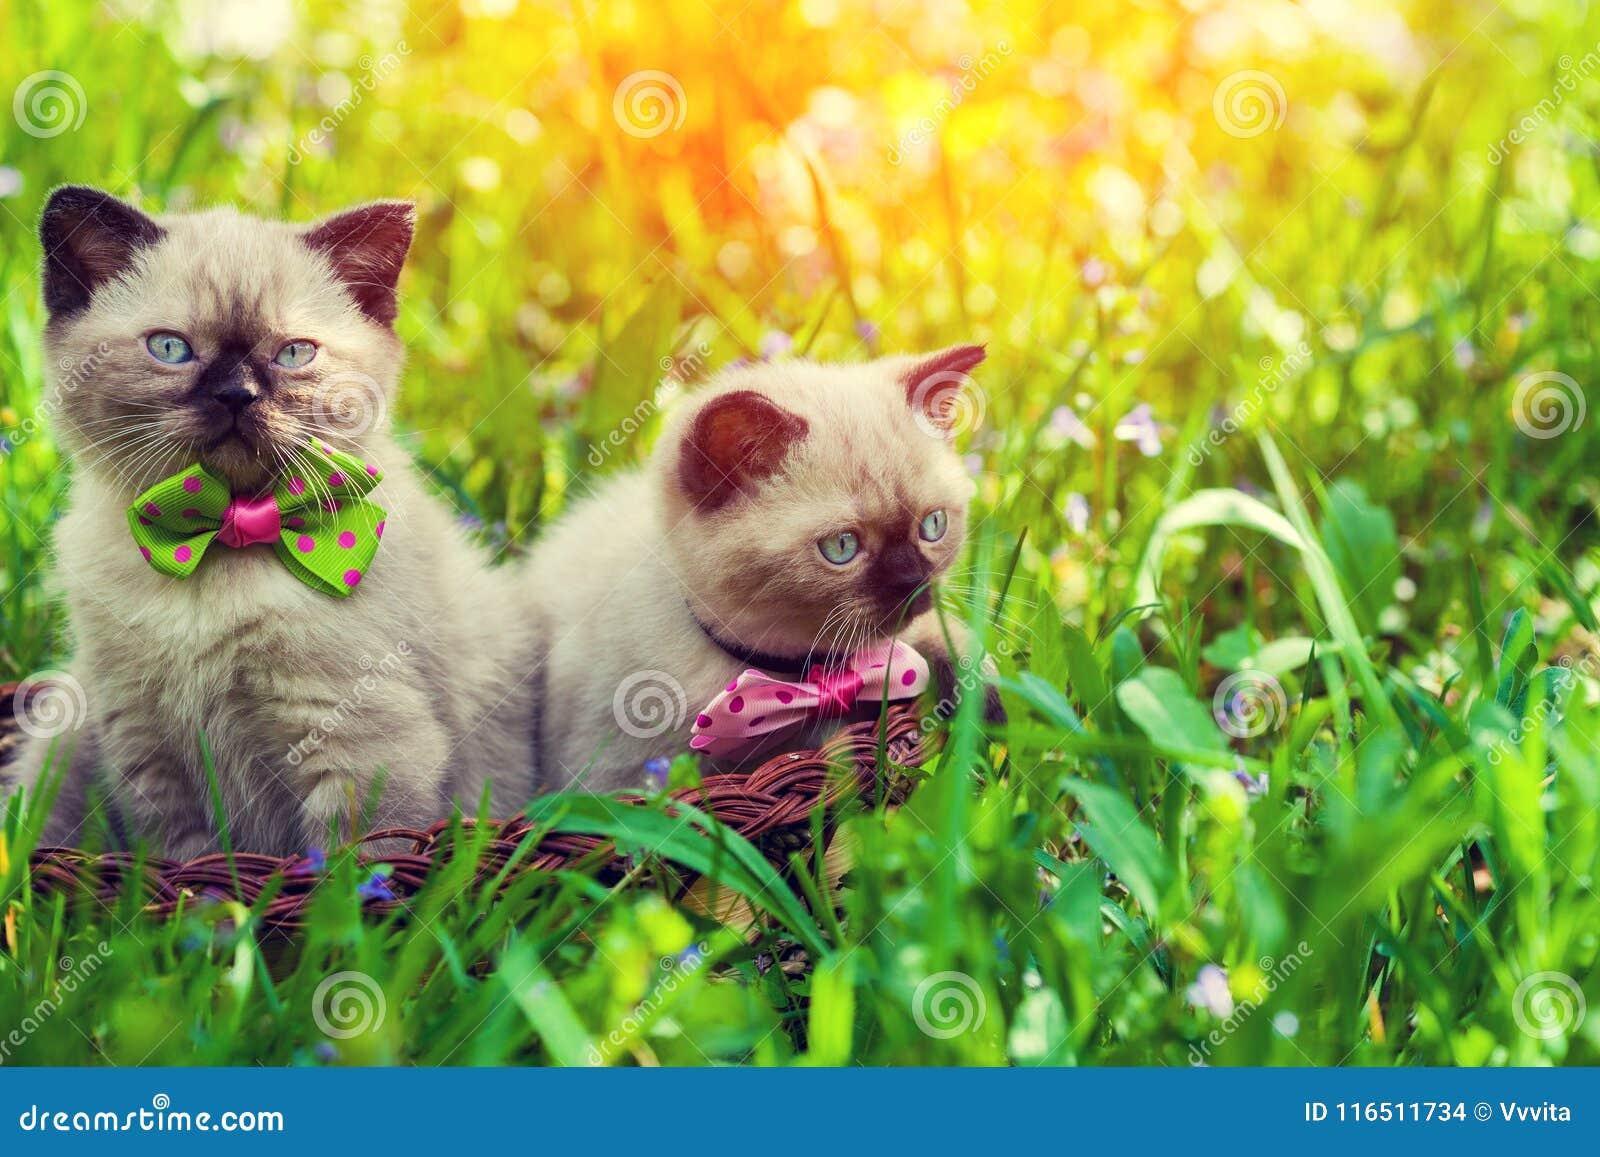 Två kattungar i en korg på en grön gräsmatta på soluppgång